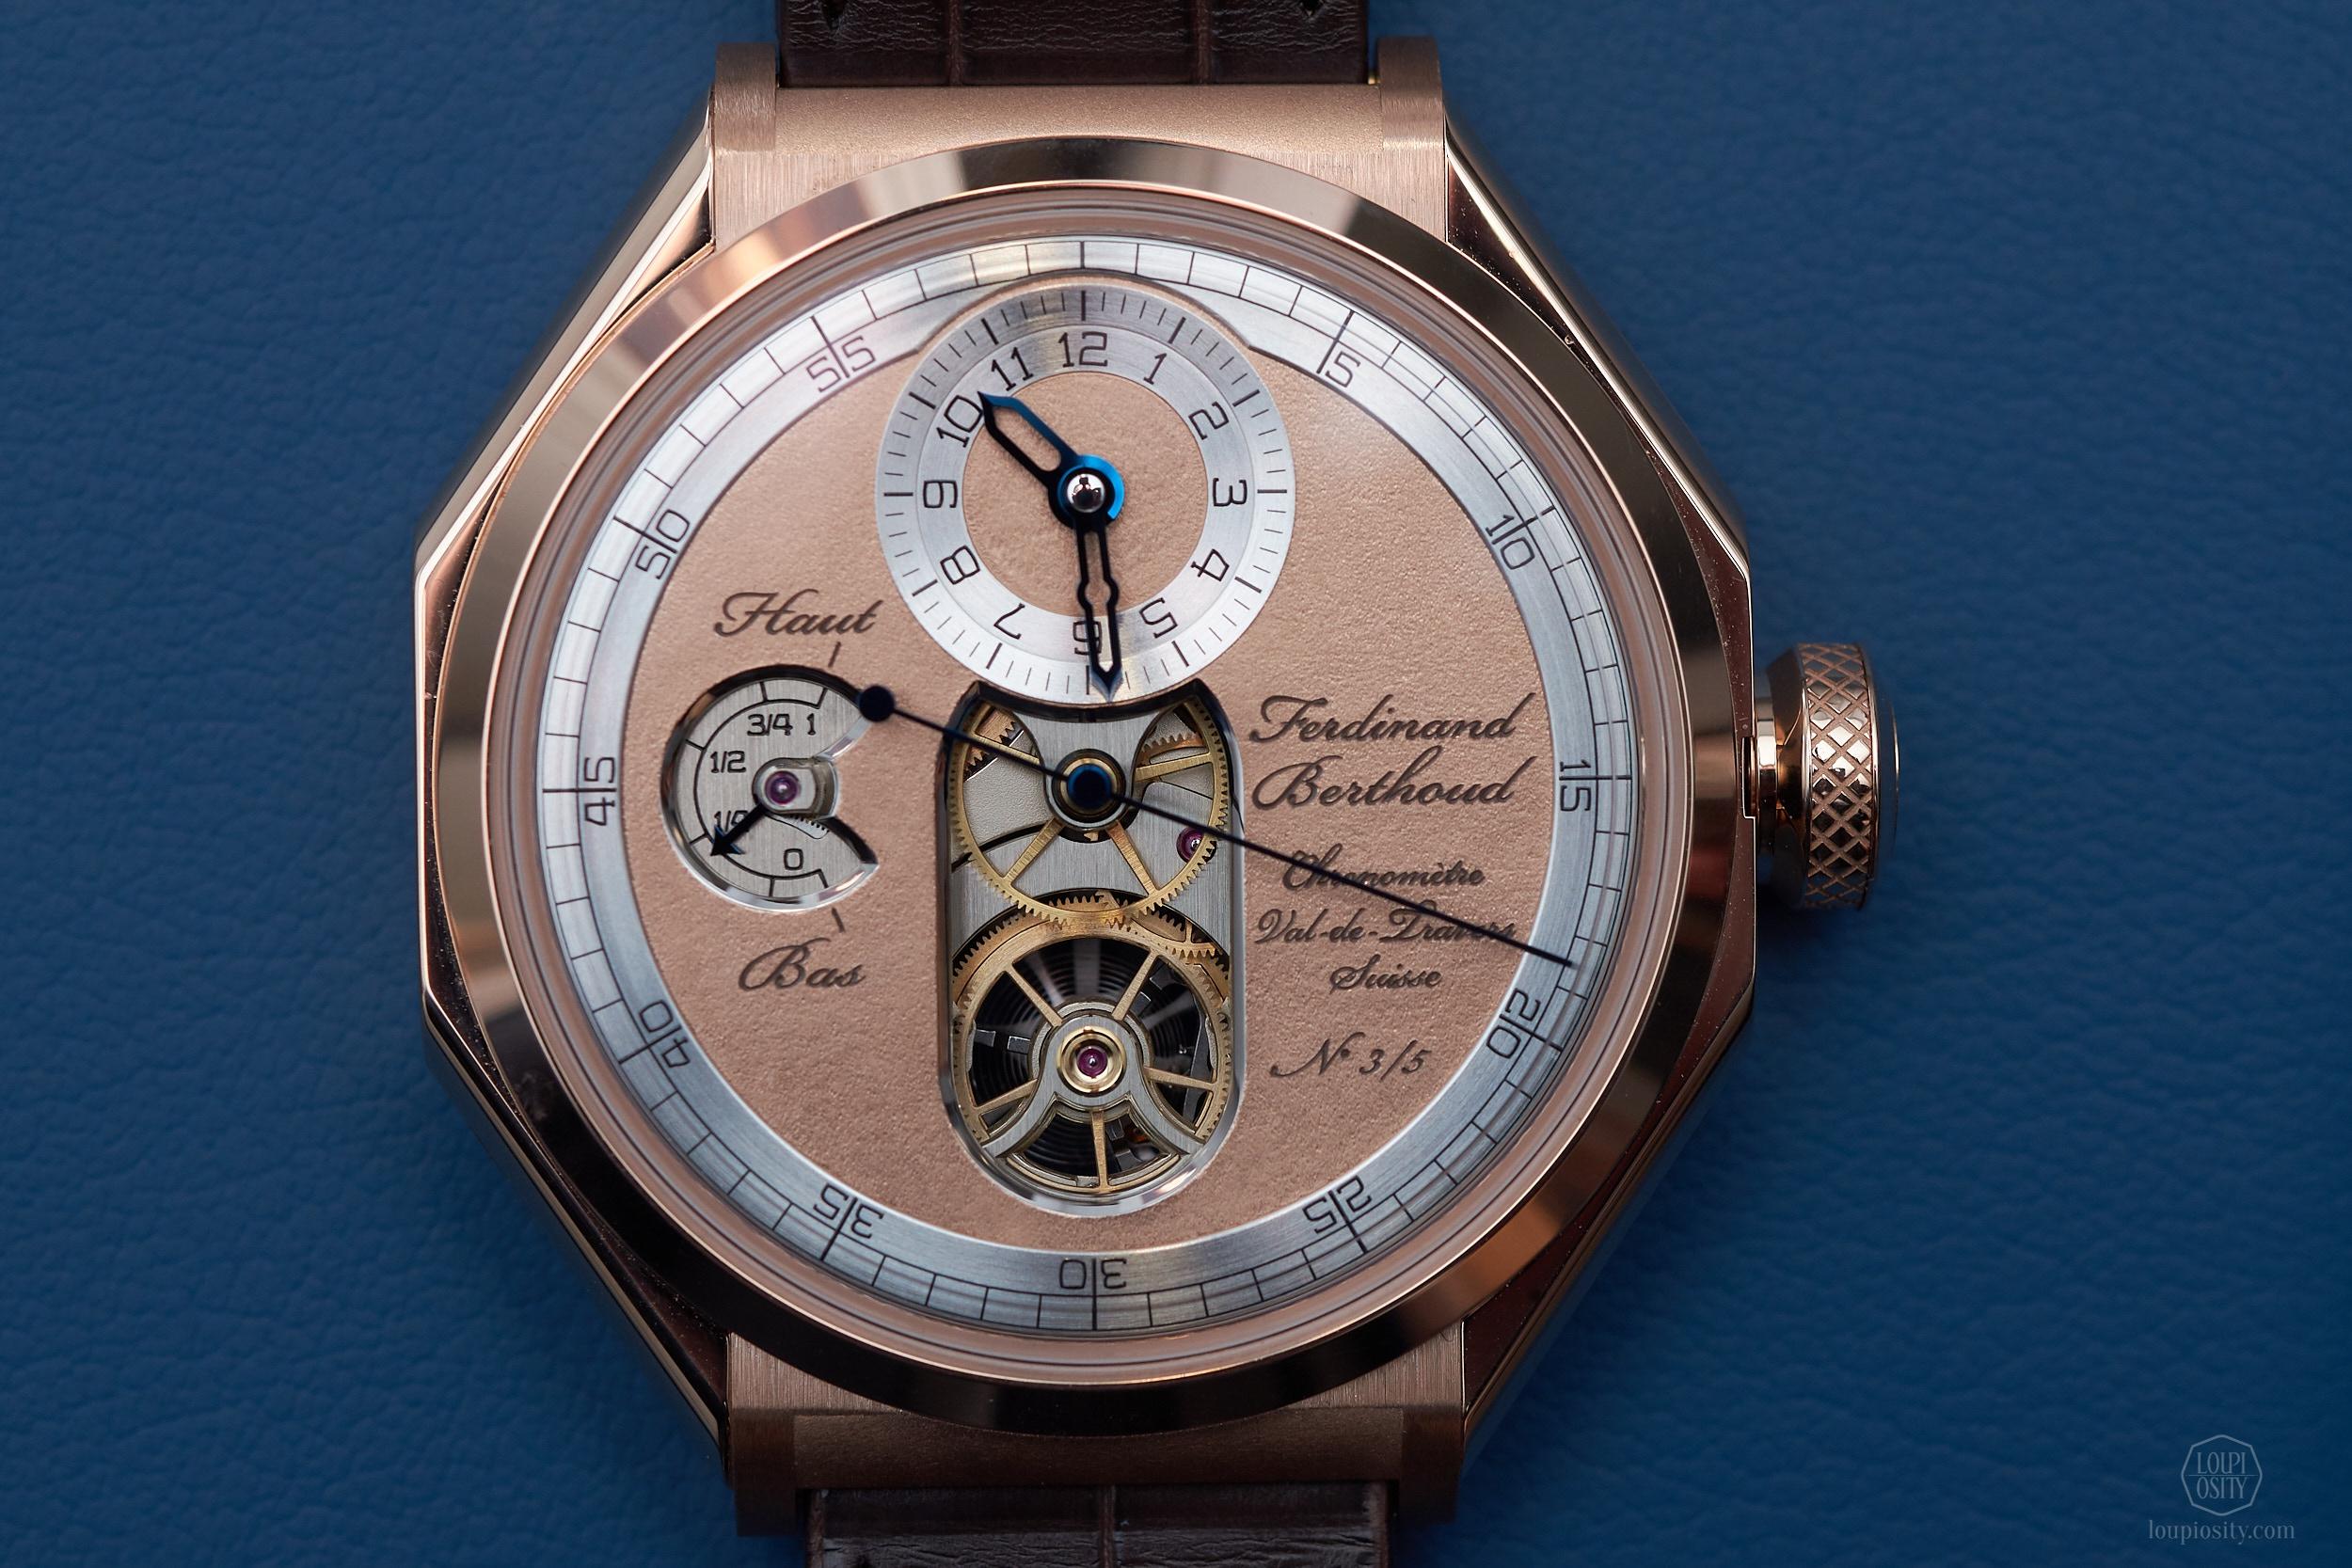 Chronométrie Ferdinand Berthoud 'Oeuvre d'Or' - rose gold